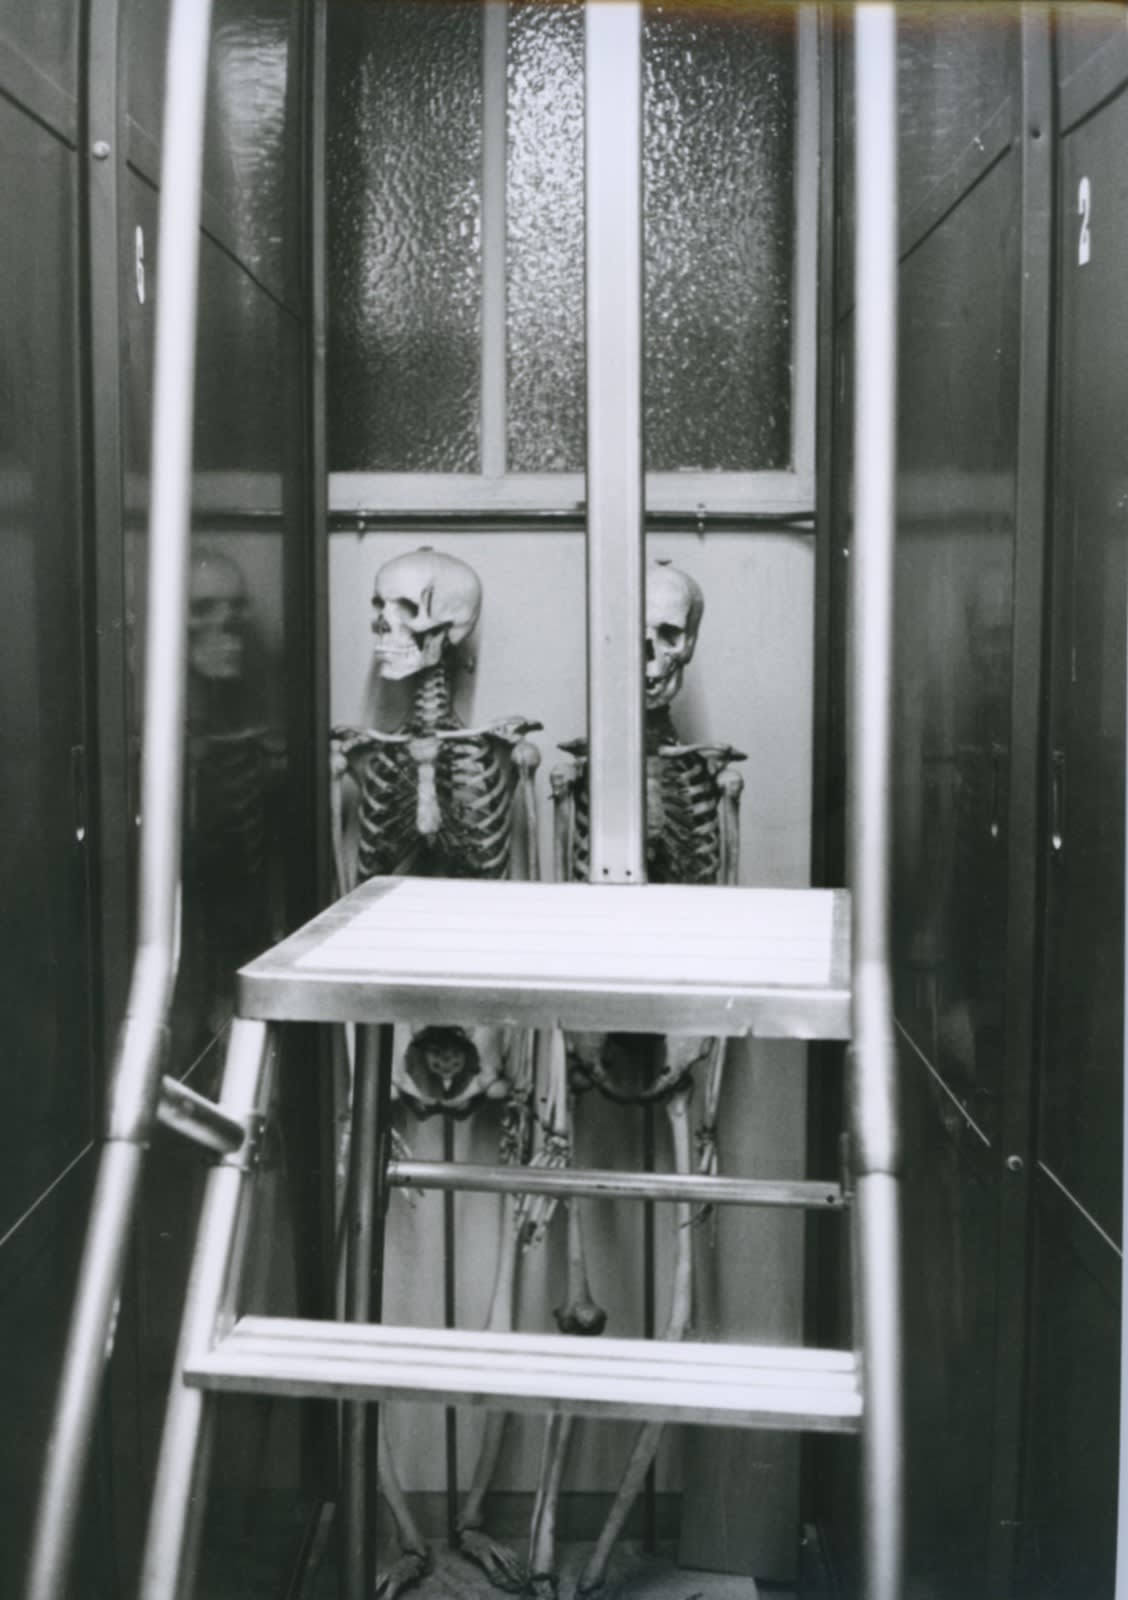 Hervé Guibert, Musée de l'Homme, Paris, 1978